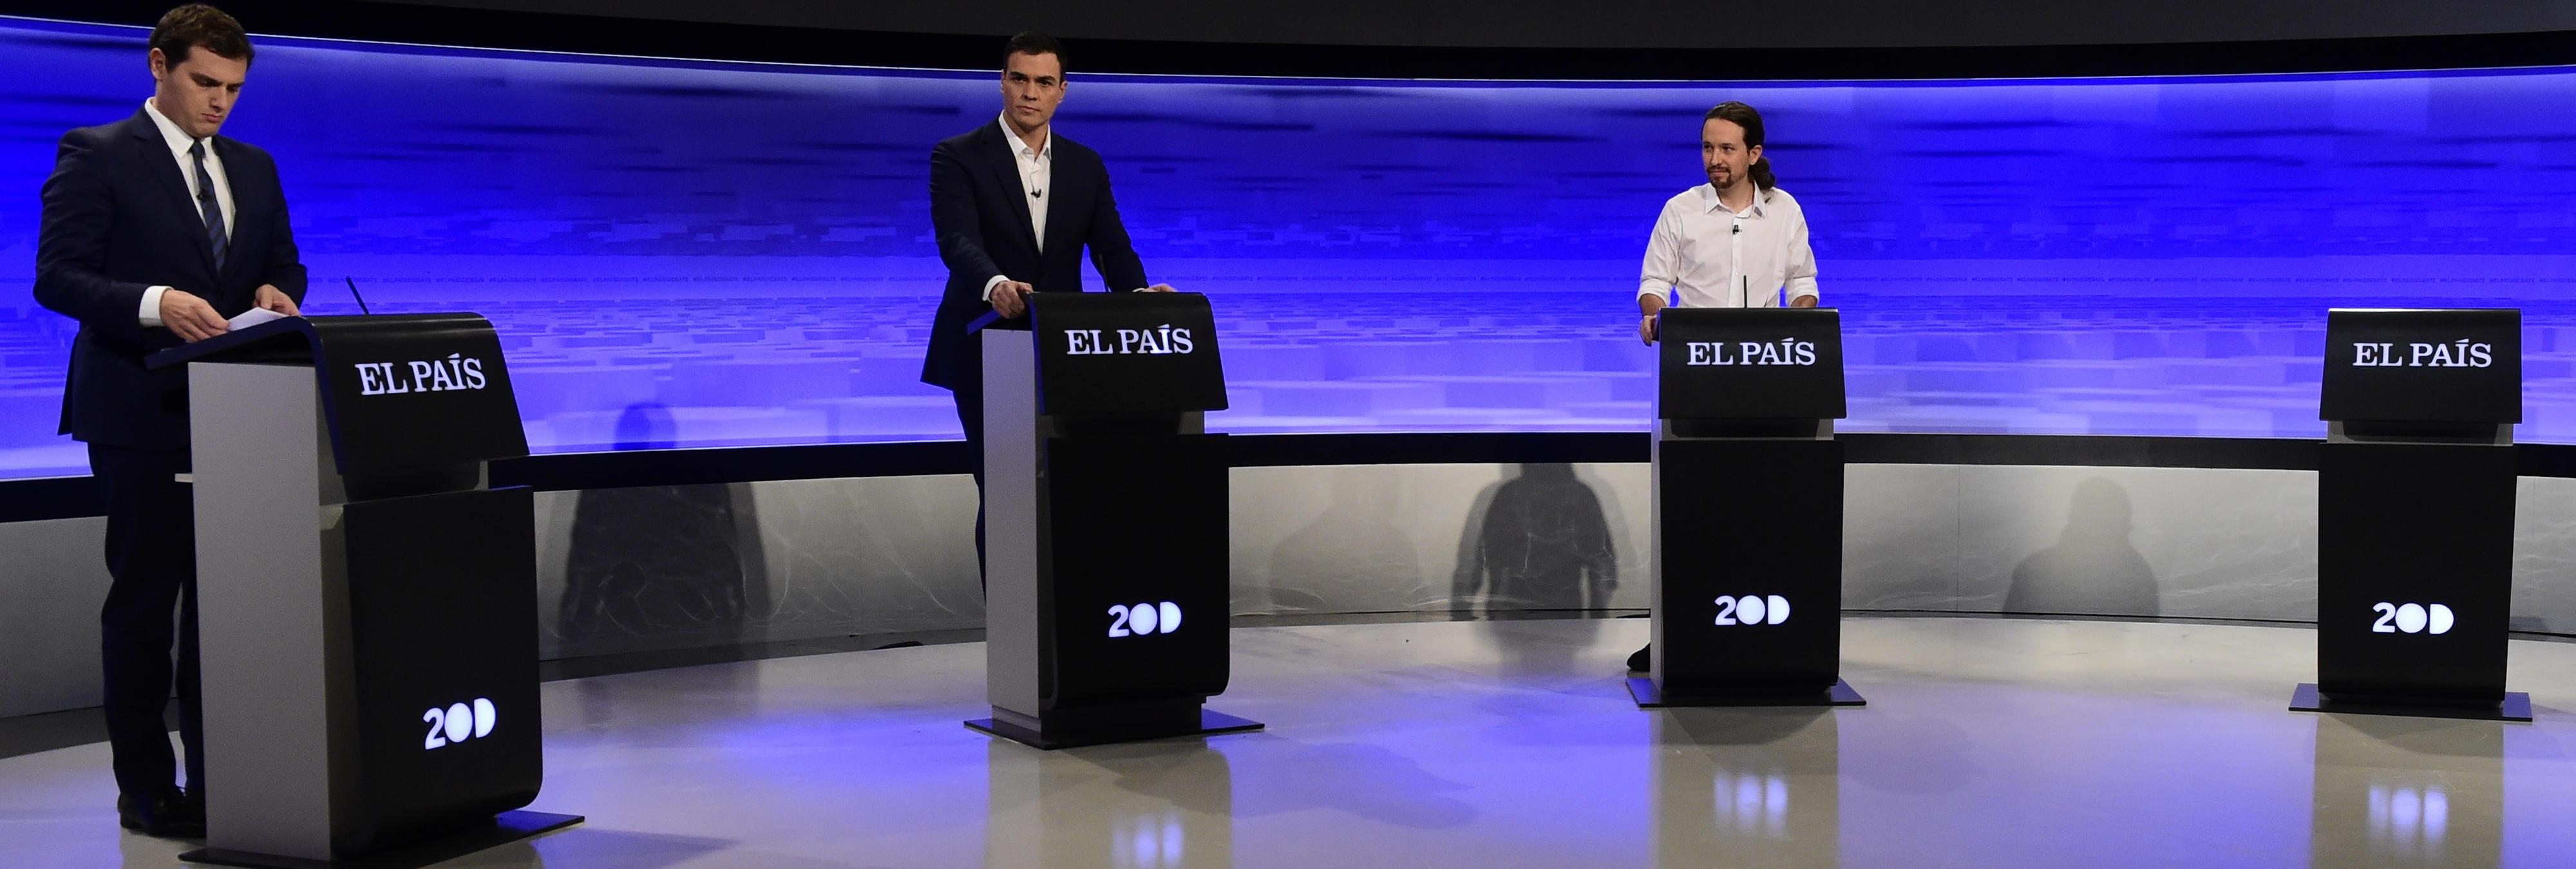 La mujer de Pedro Sánchez trolea la victoria de Pablo Iglesias en el debate de El País